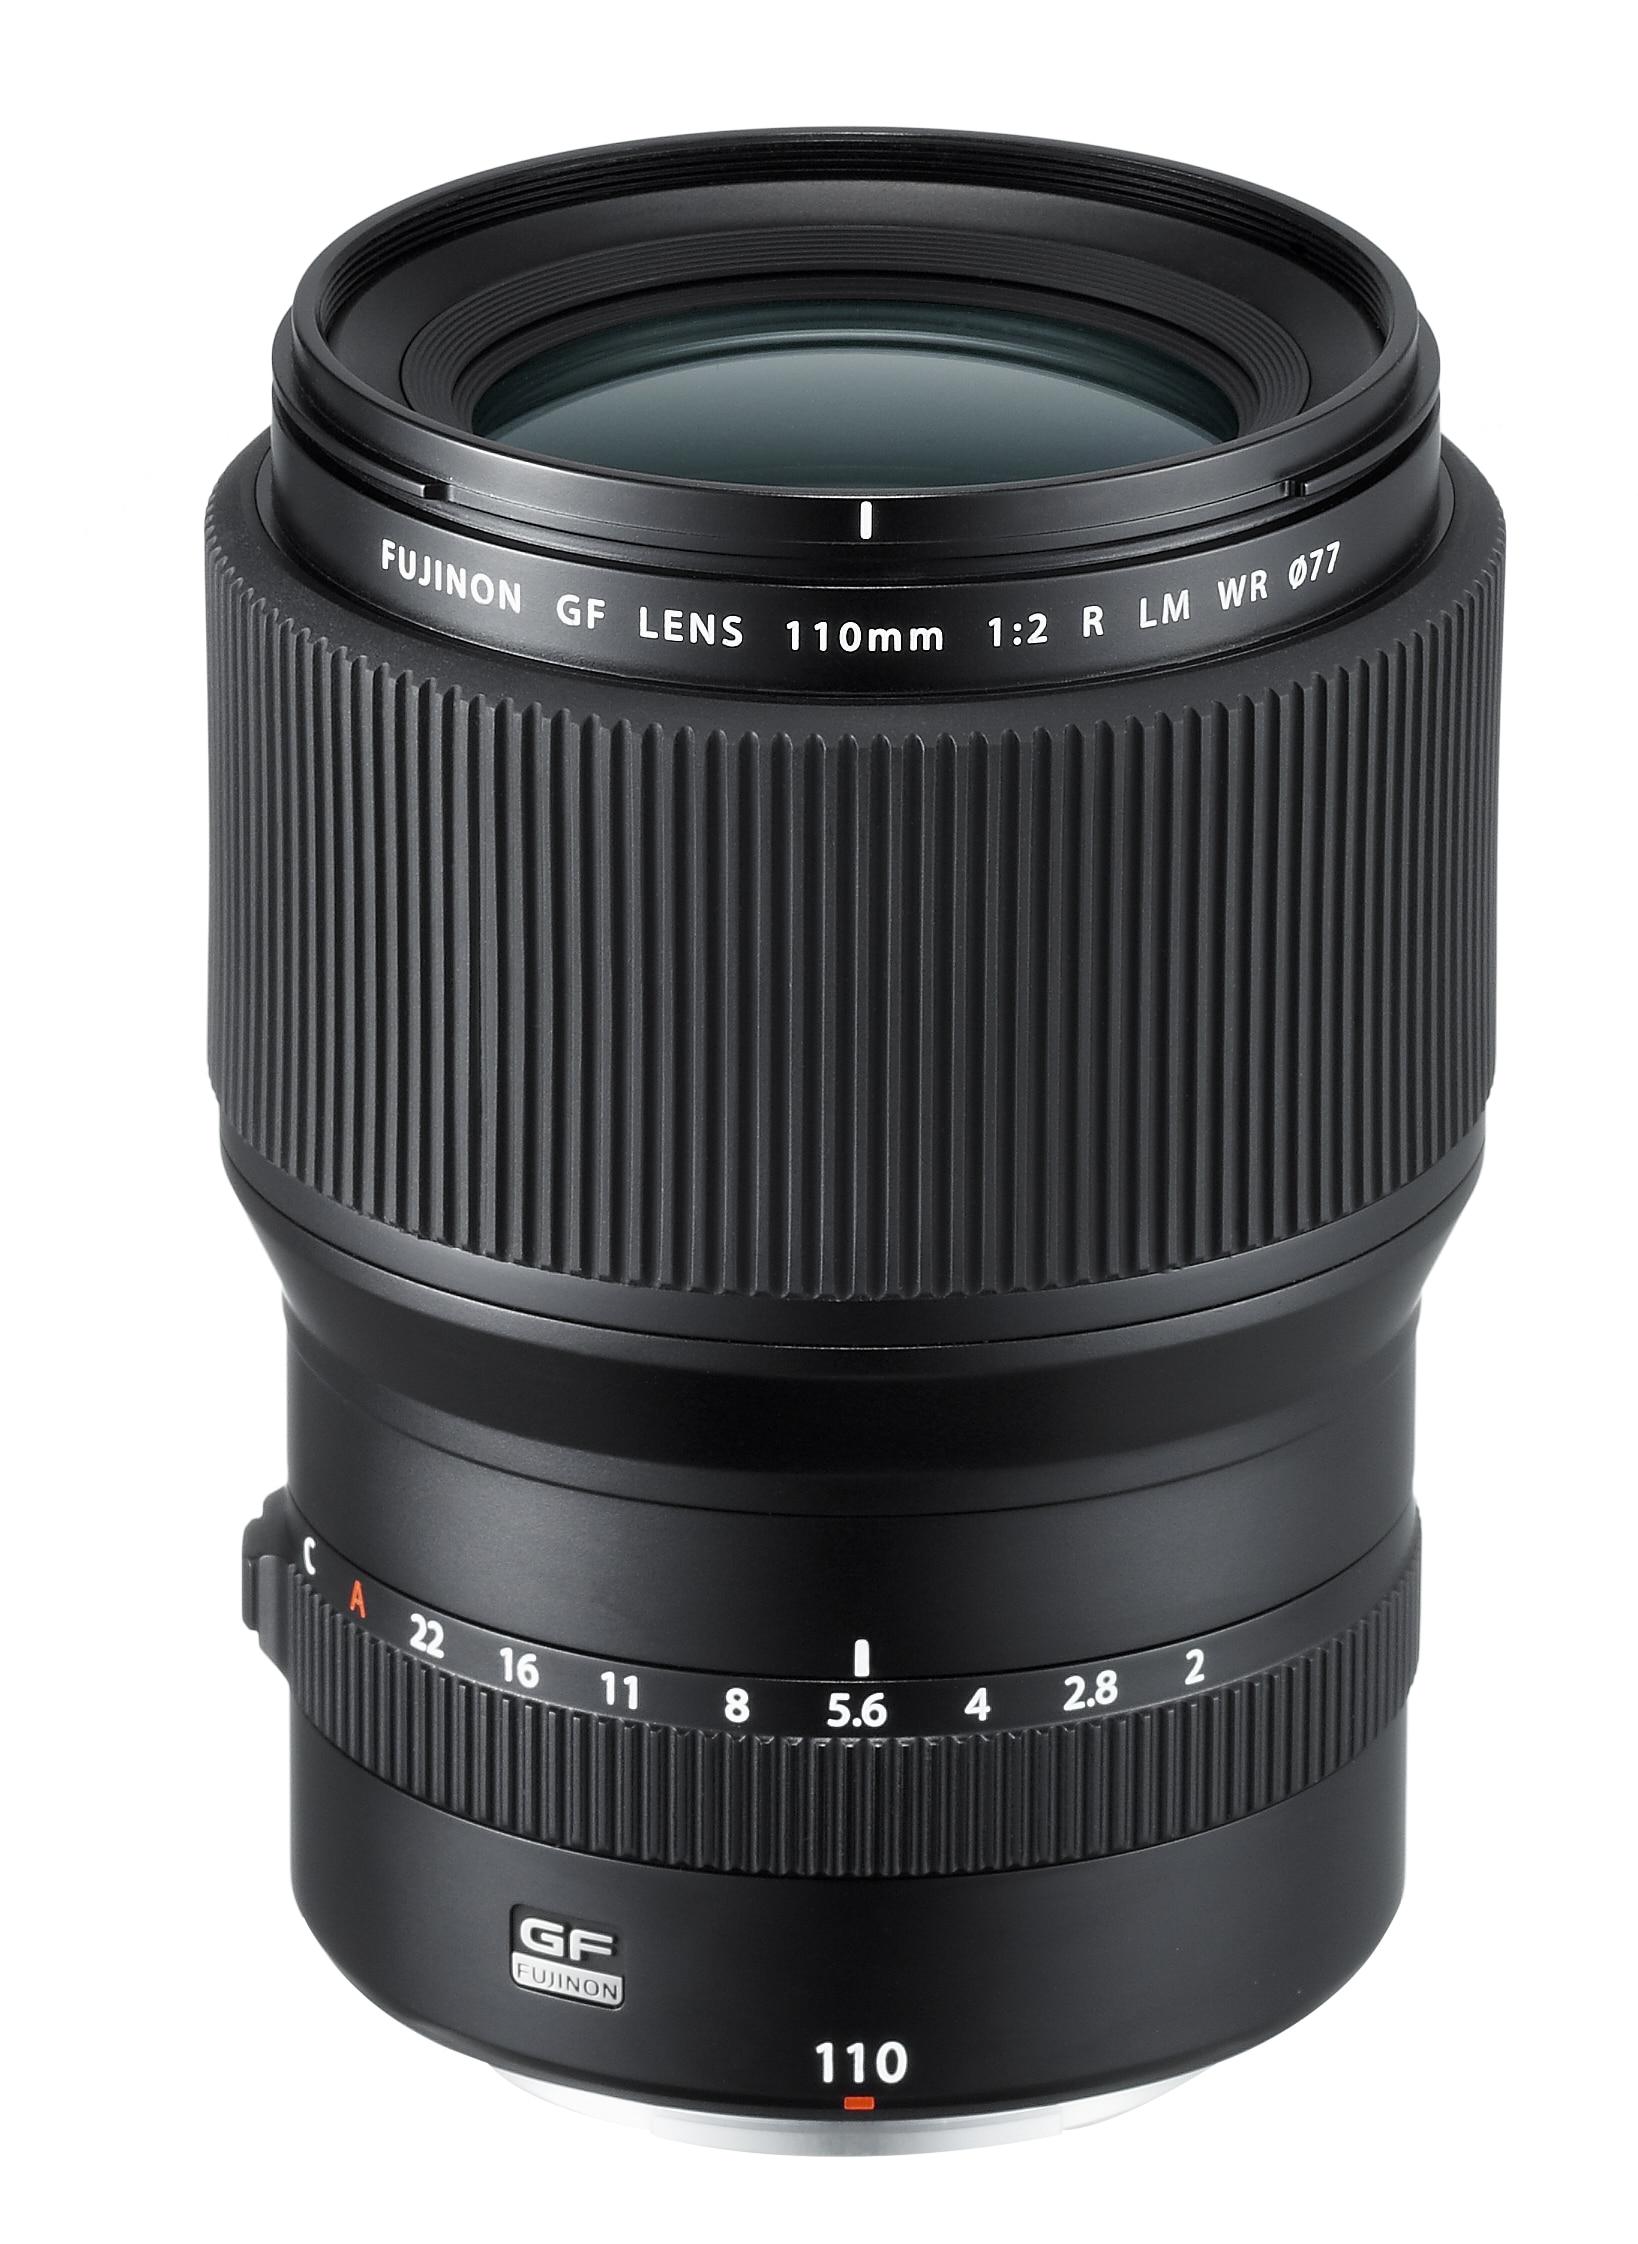 Fujifilm GF 110mm f/2,0 R LM WR